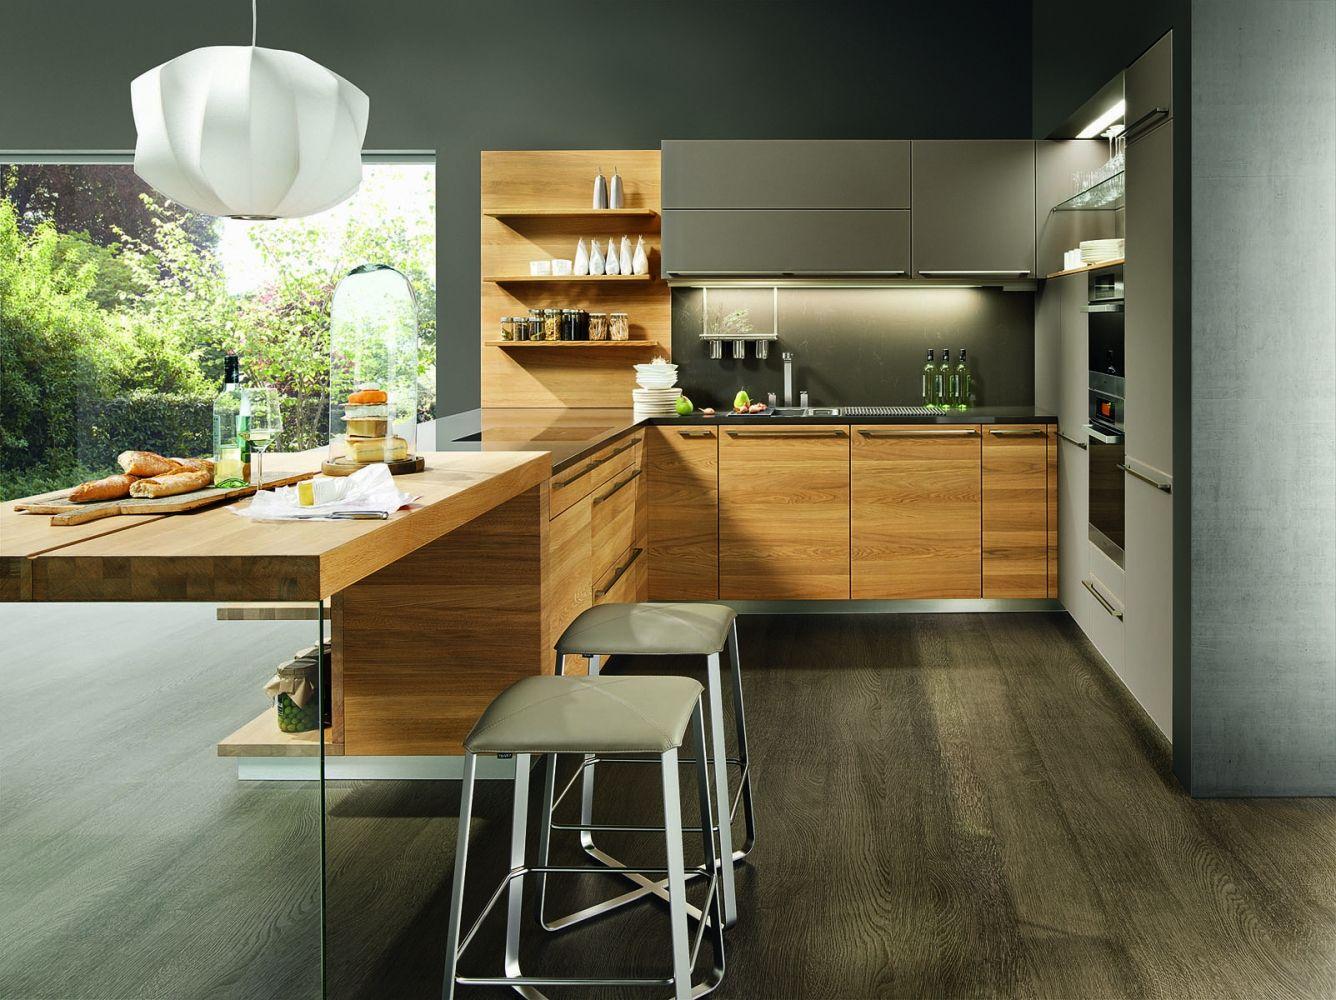 Linee moderní kuchyně do U, bytový design / modern